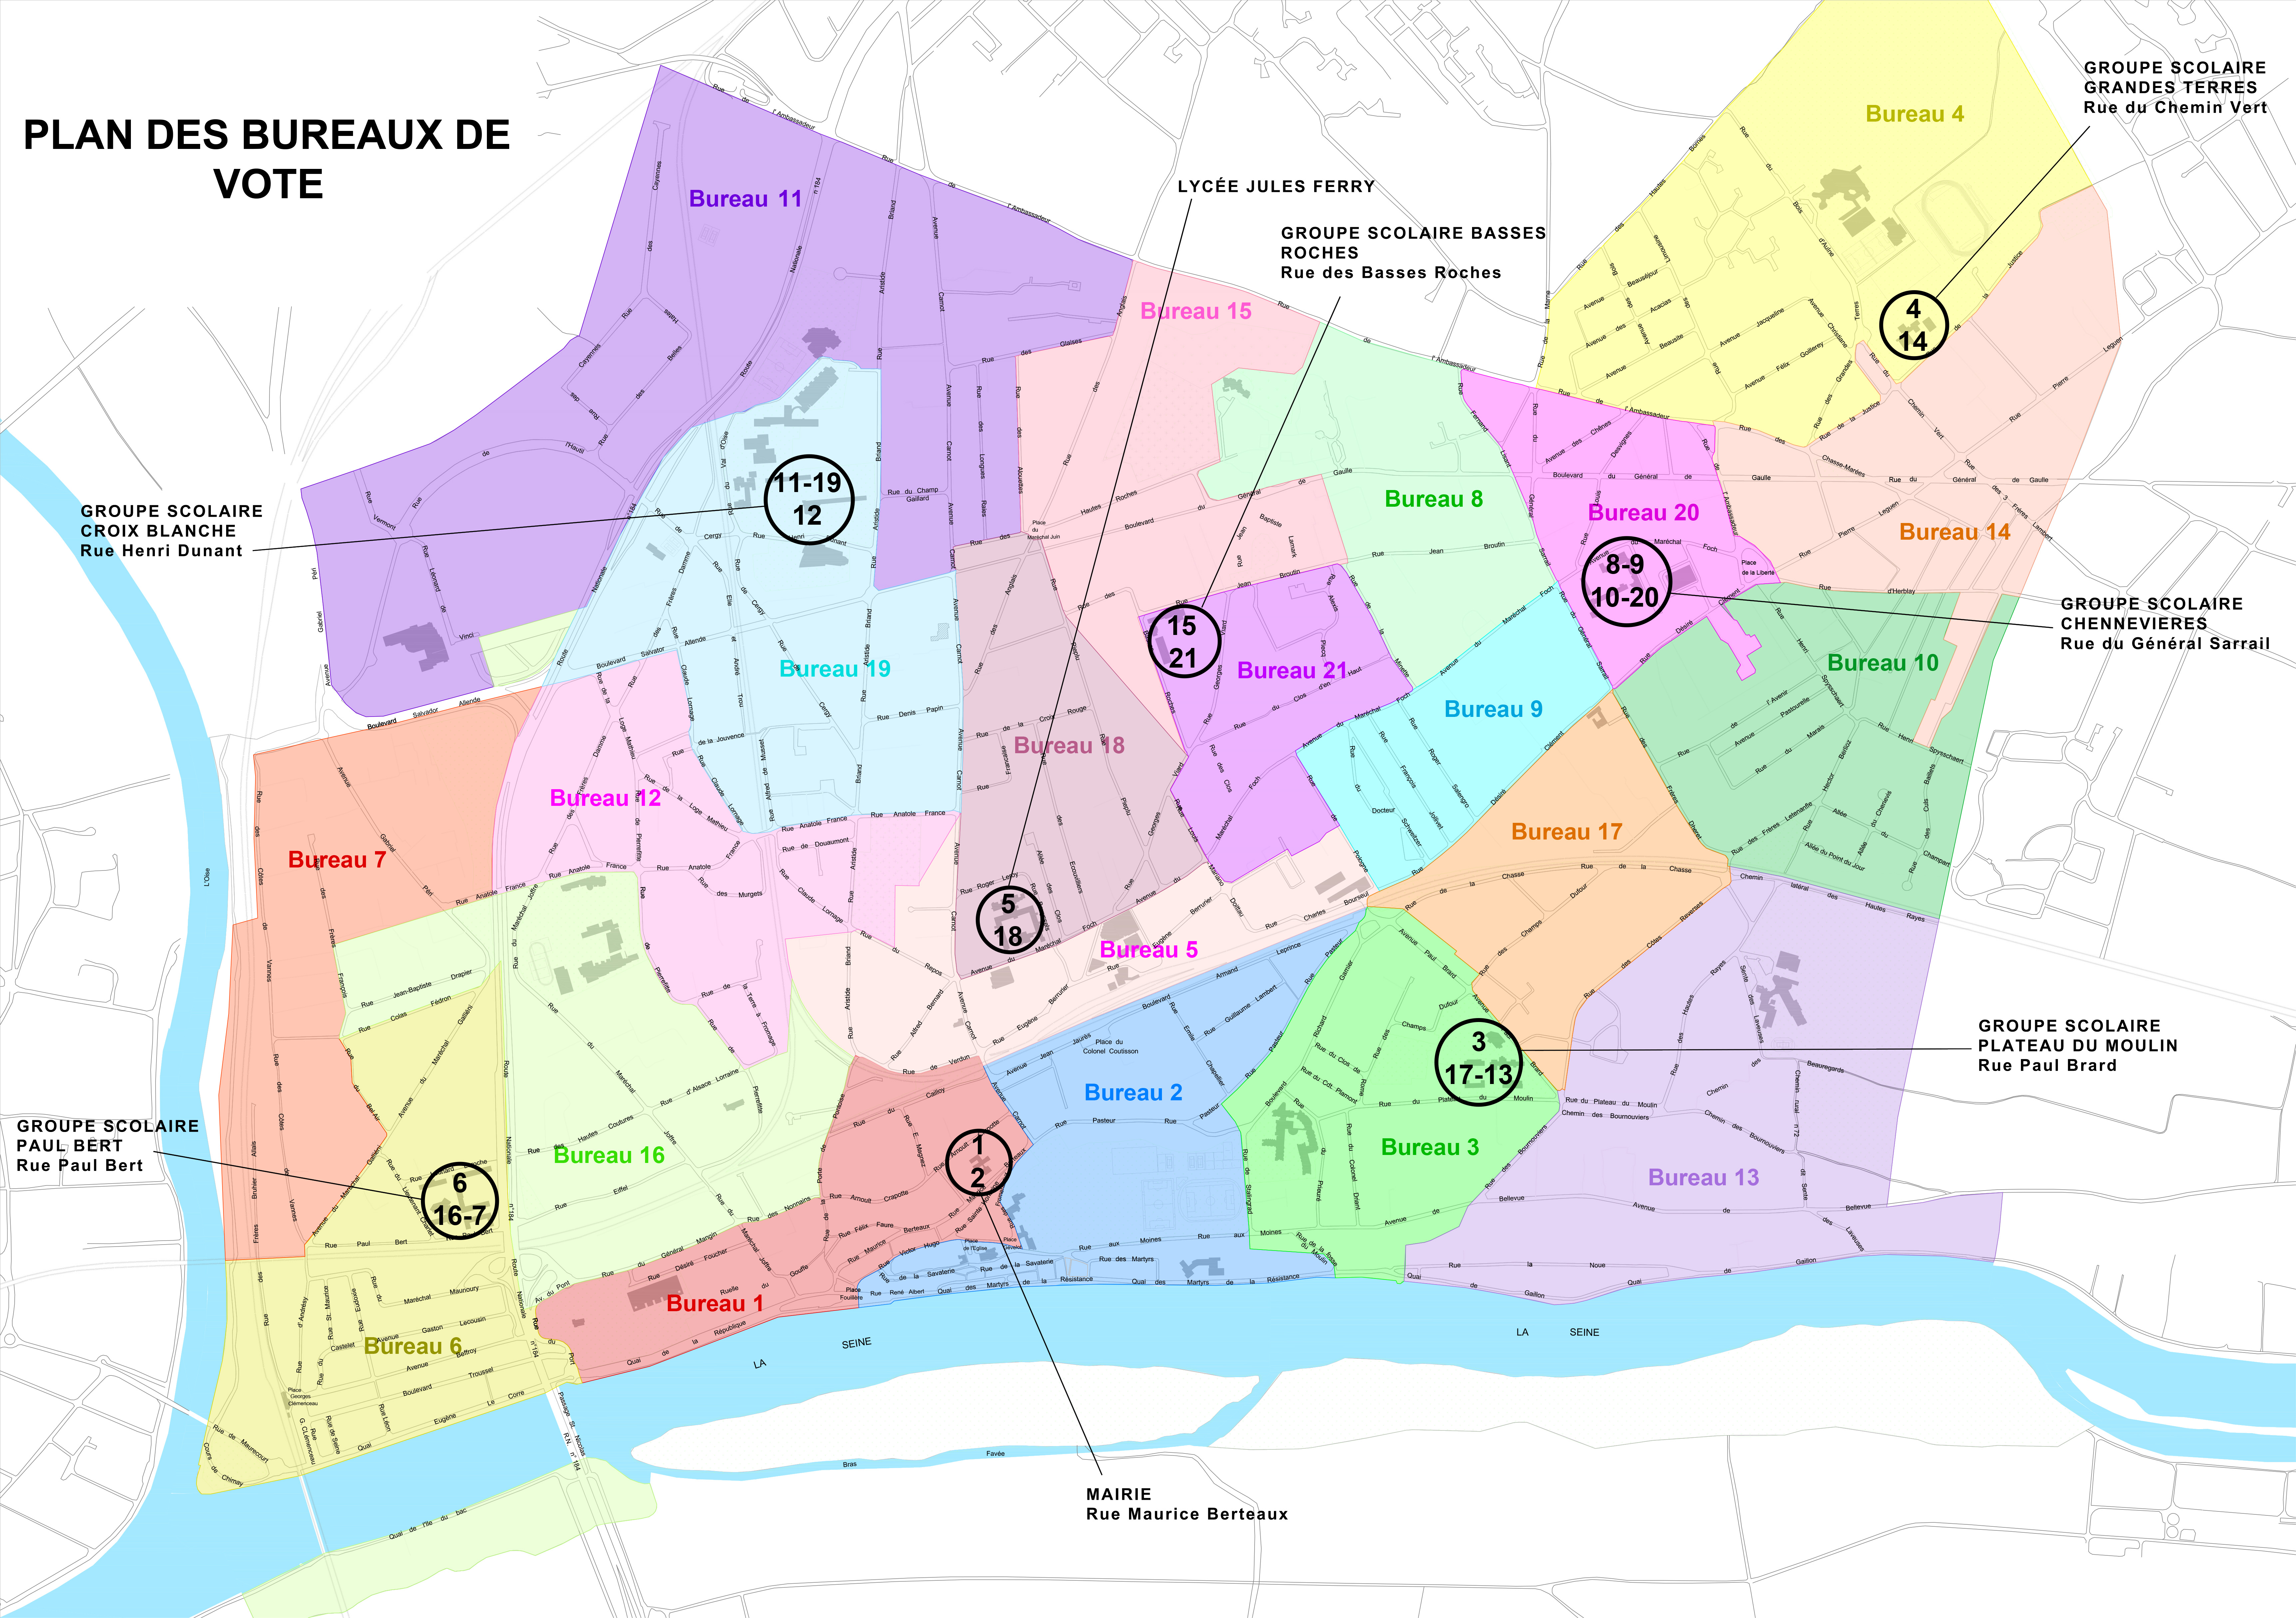 Plan des bureaux de vote